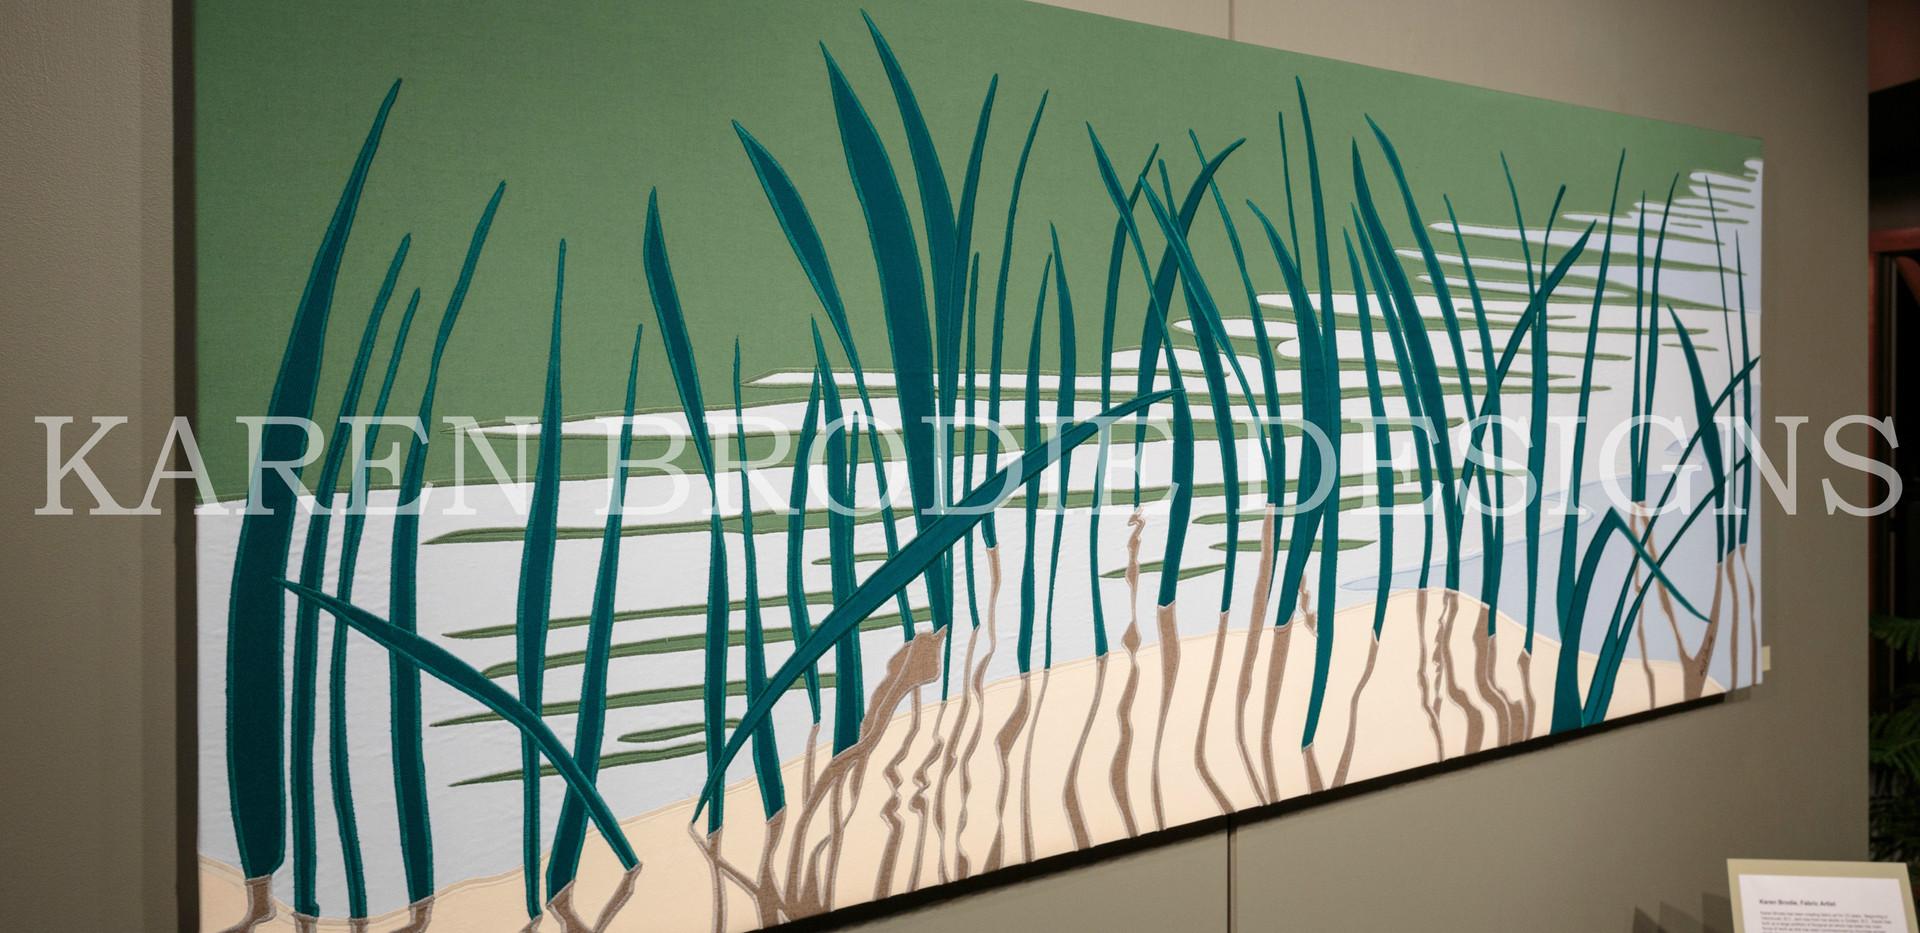 Reeds - Custom Contemporary Fabric Art